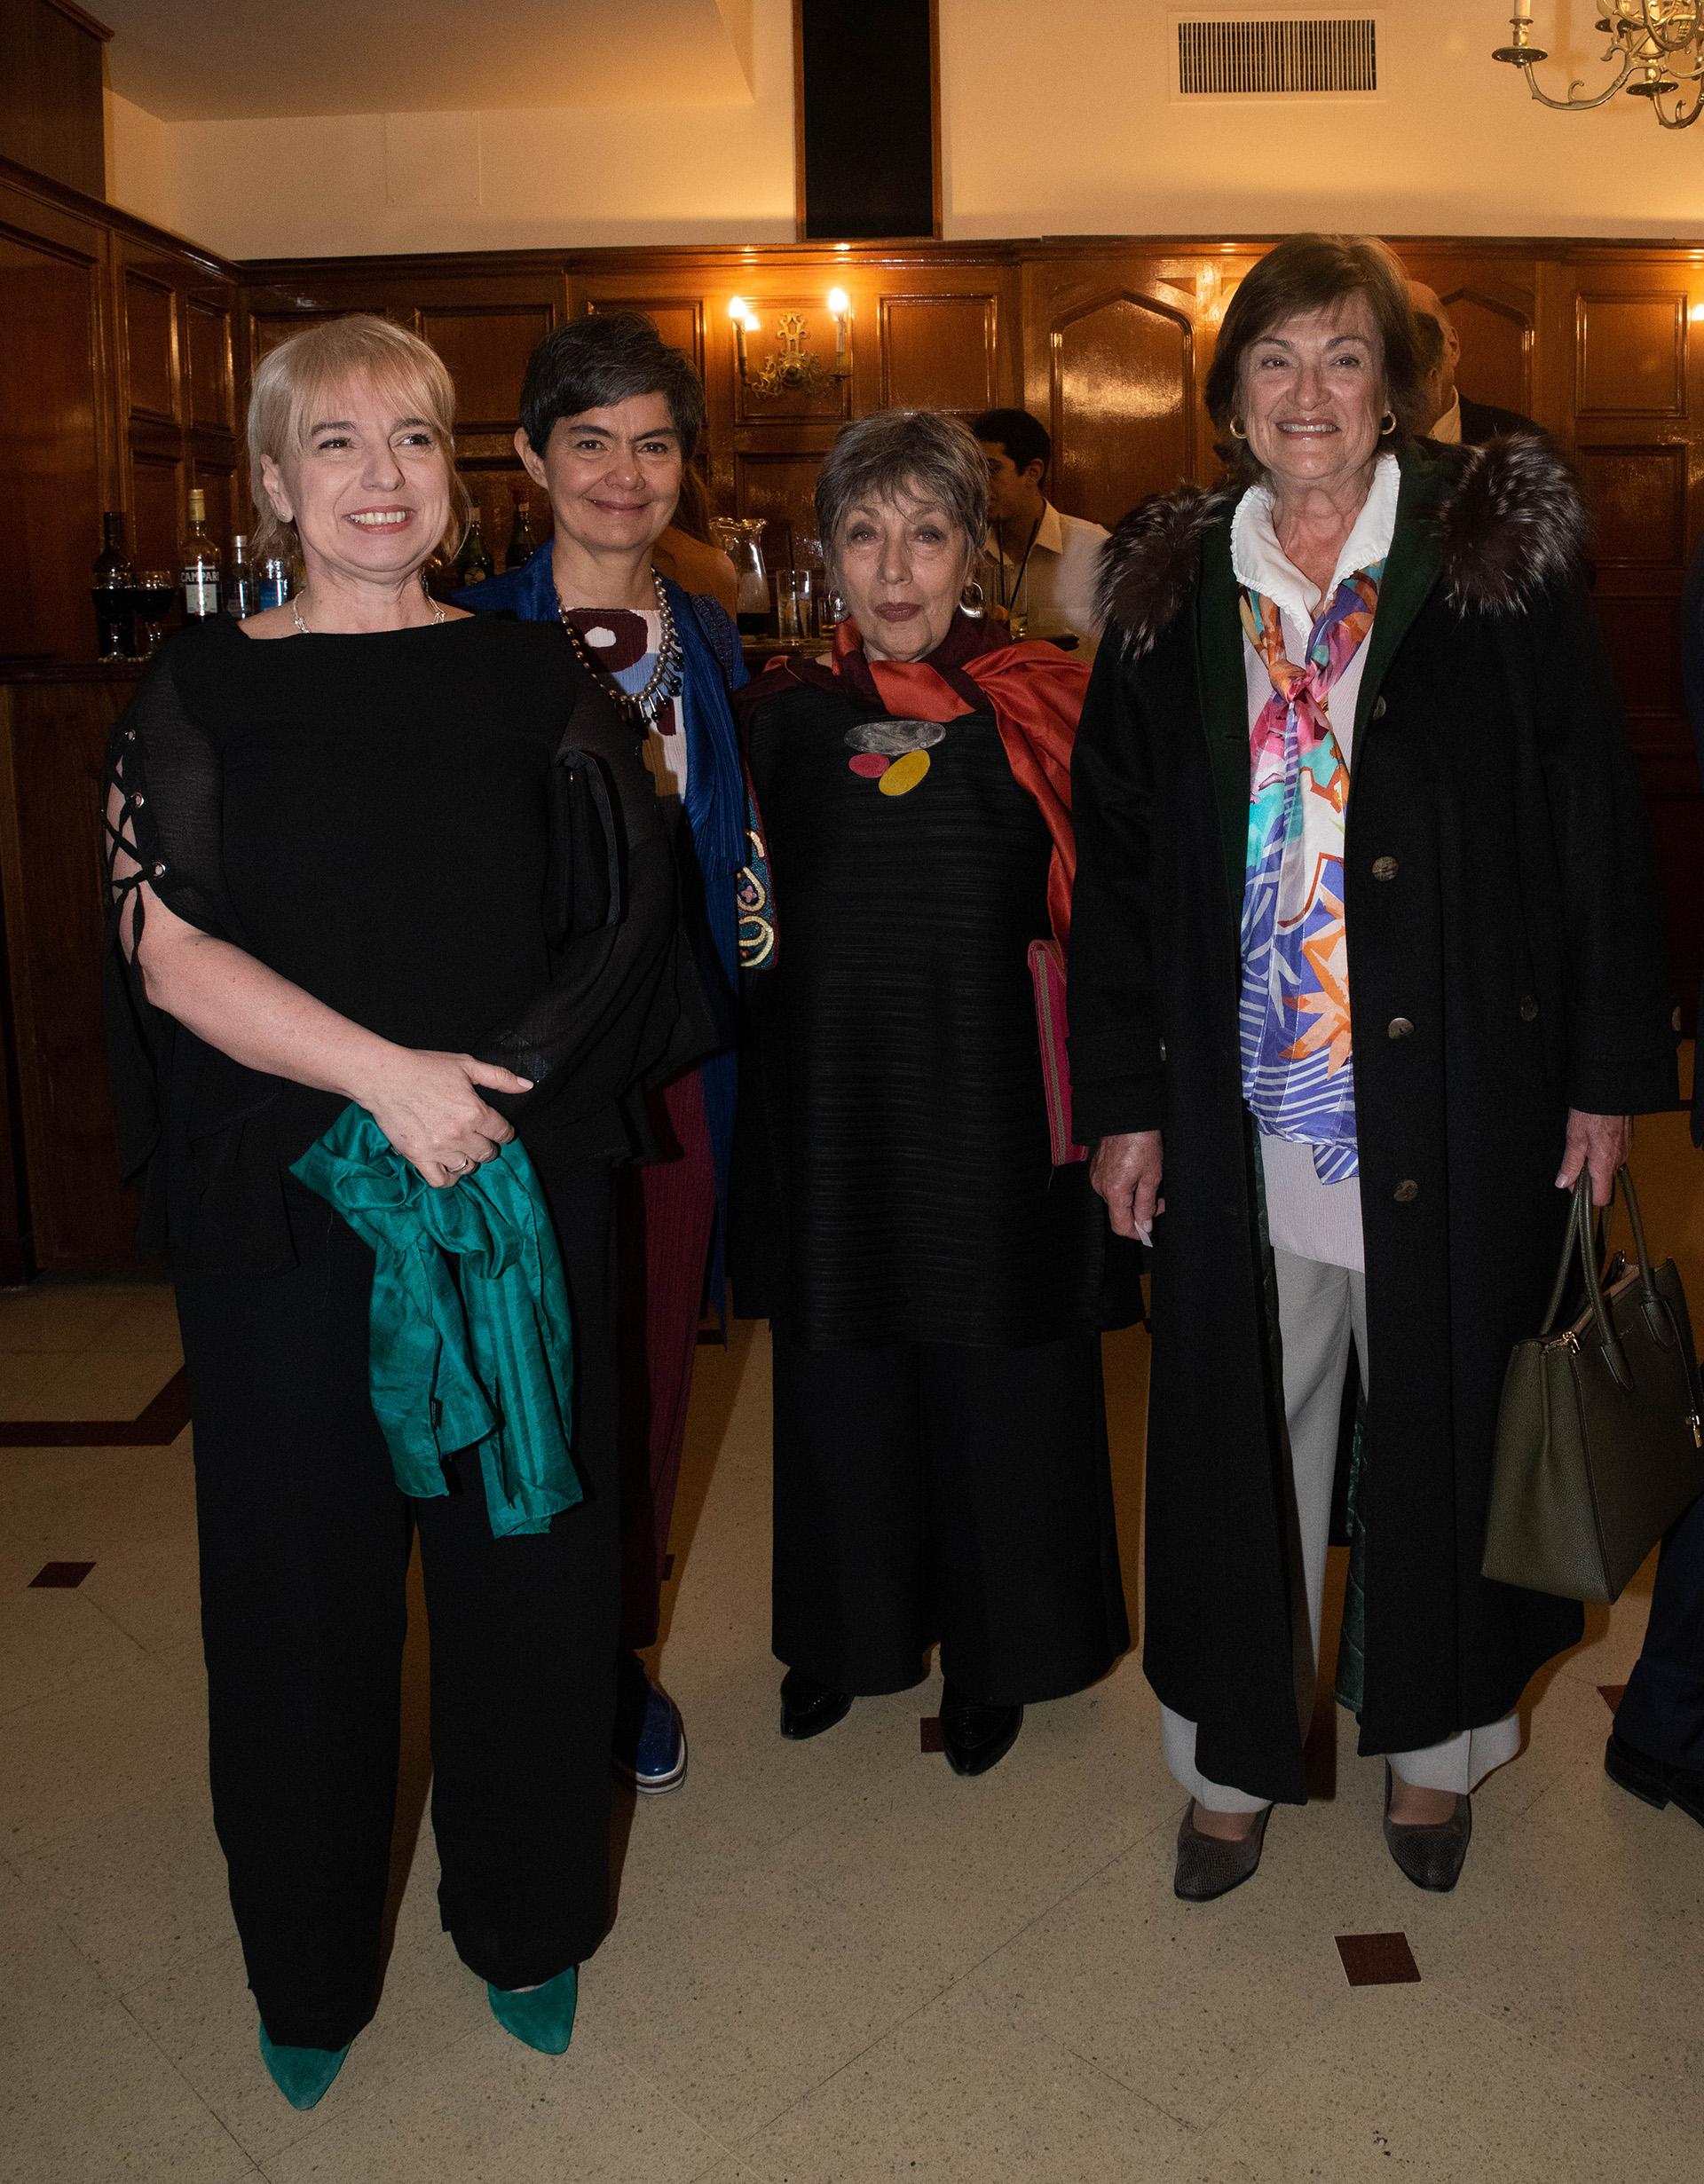 Silvana Giudici, titular del Enacom; María Eugenia Estenssoro; Norma Morandini; María Angélica Gelli, miembro del Consejo Consultivo de la Asociación Argentina de Derecho Constitucional